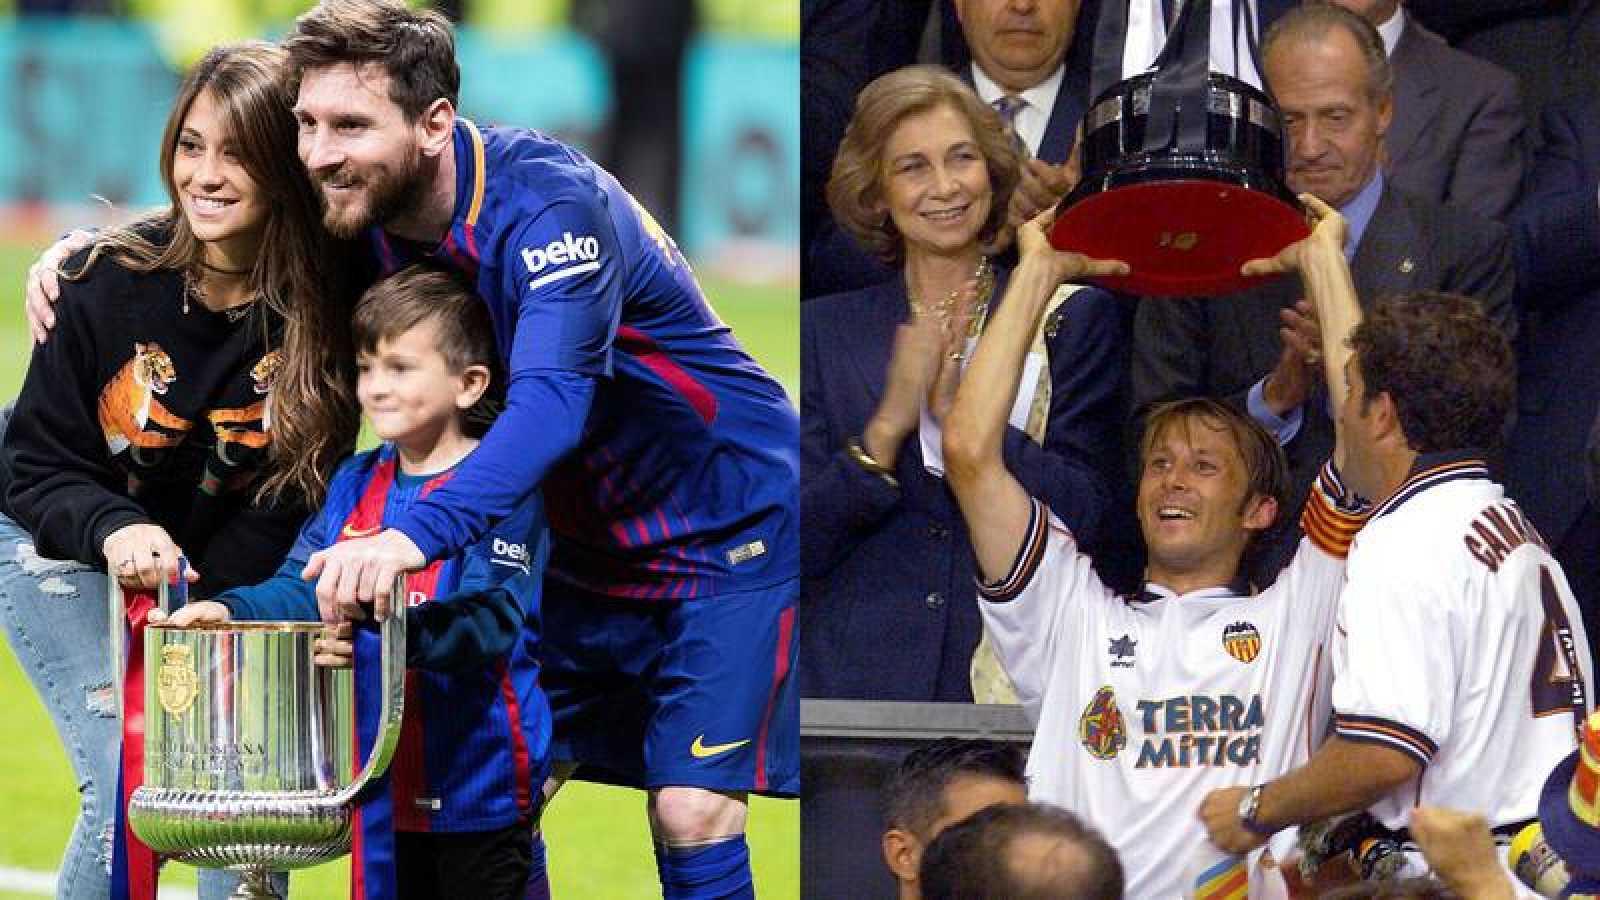 A la izquierda, Messi con la Copa de 2018, junto a su mujer, Antonella Rocuzzo, y el hijo de ambos; a la derecha, Mendieta alza la Copa de 1999.